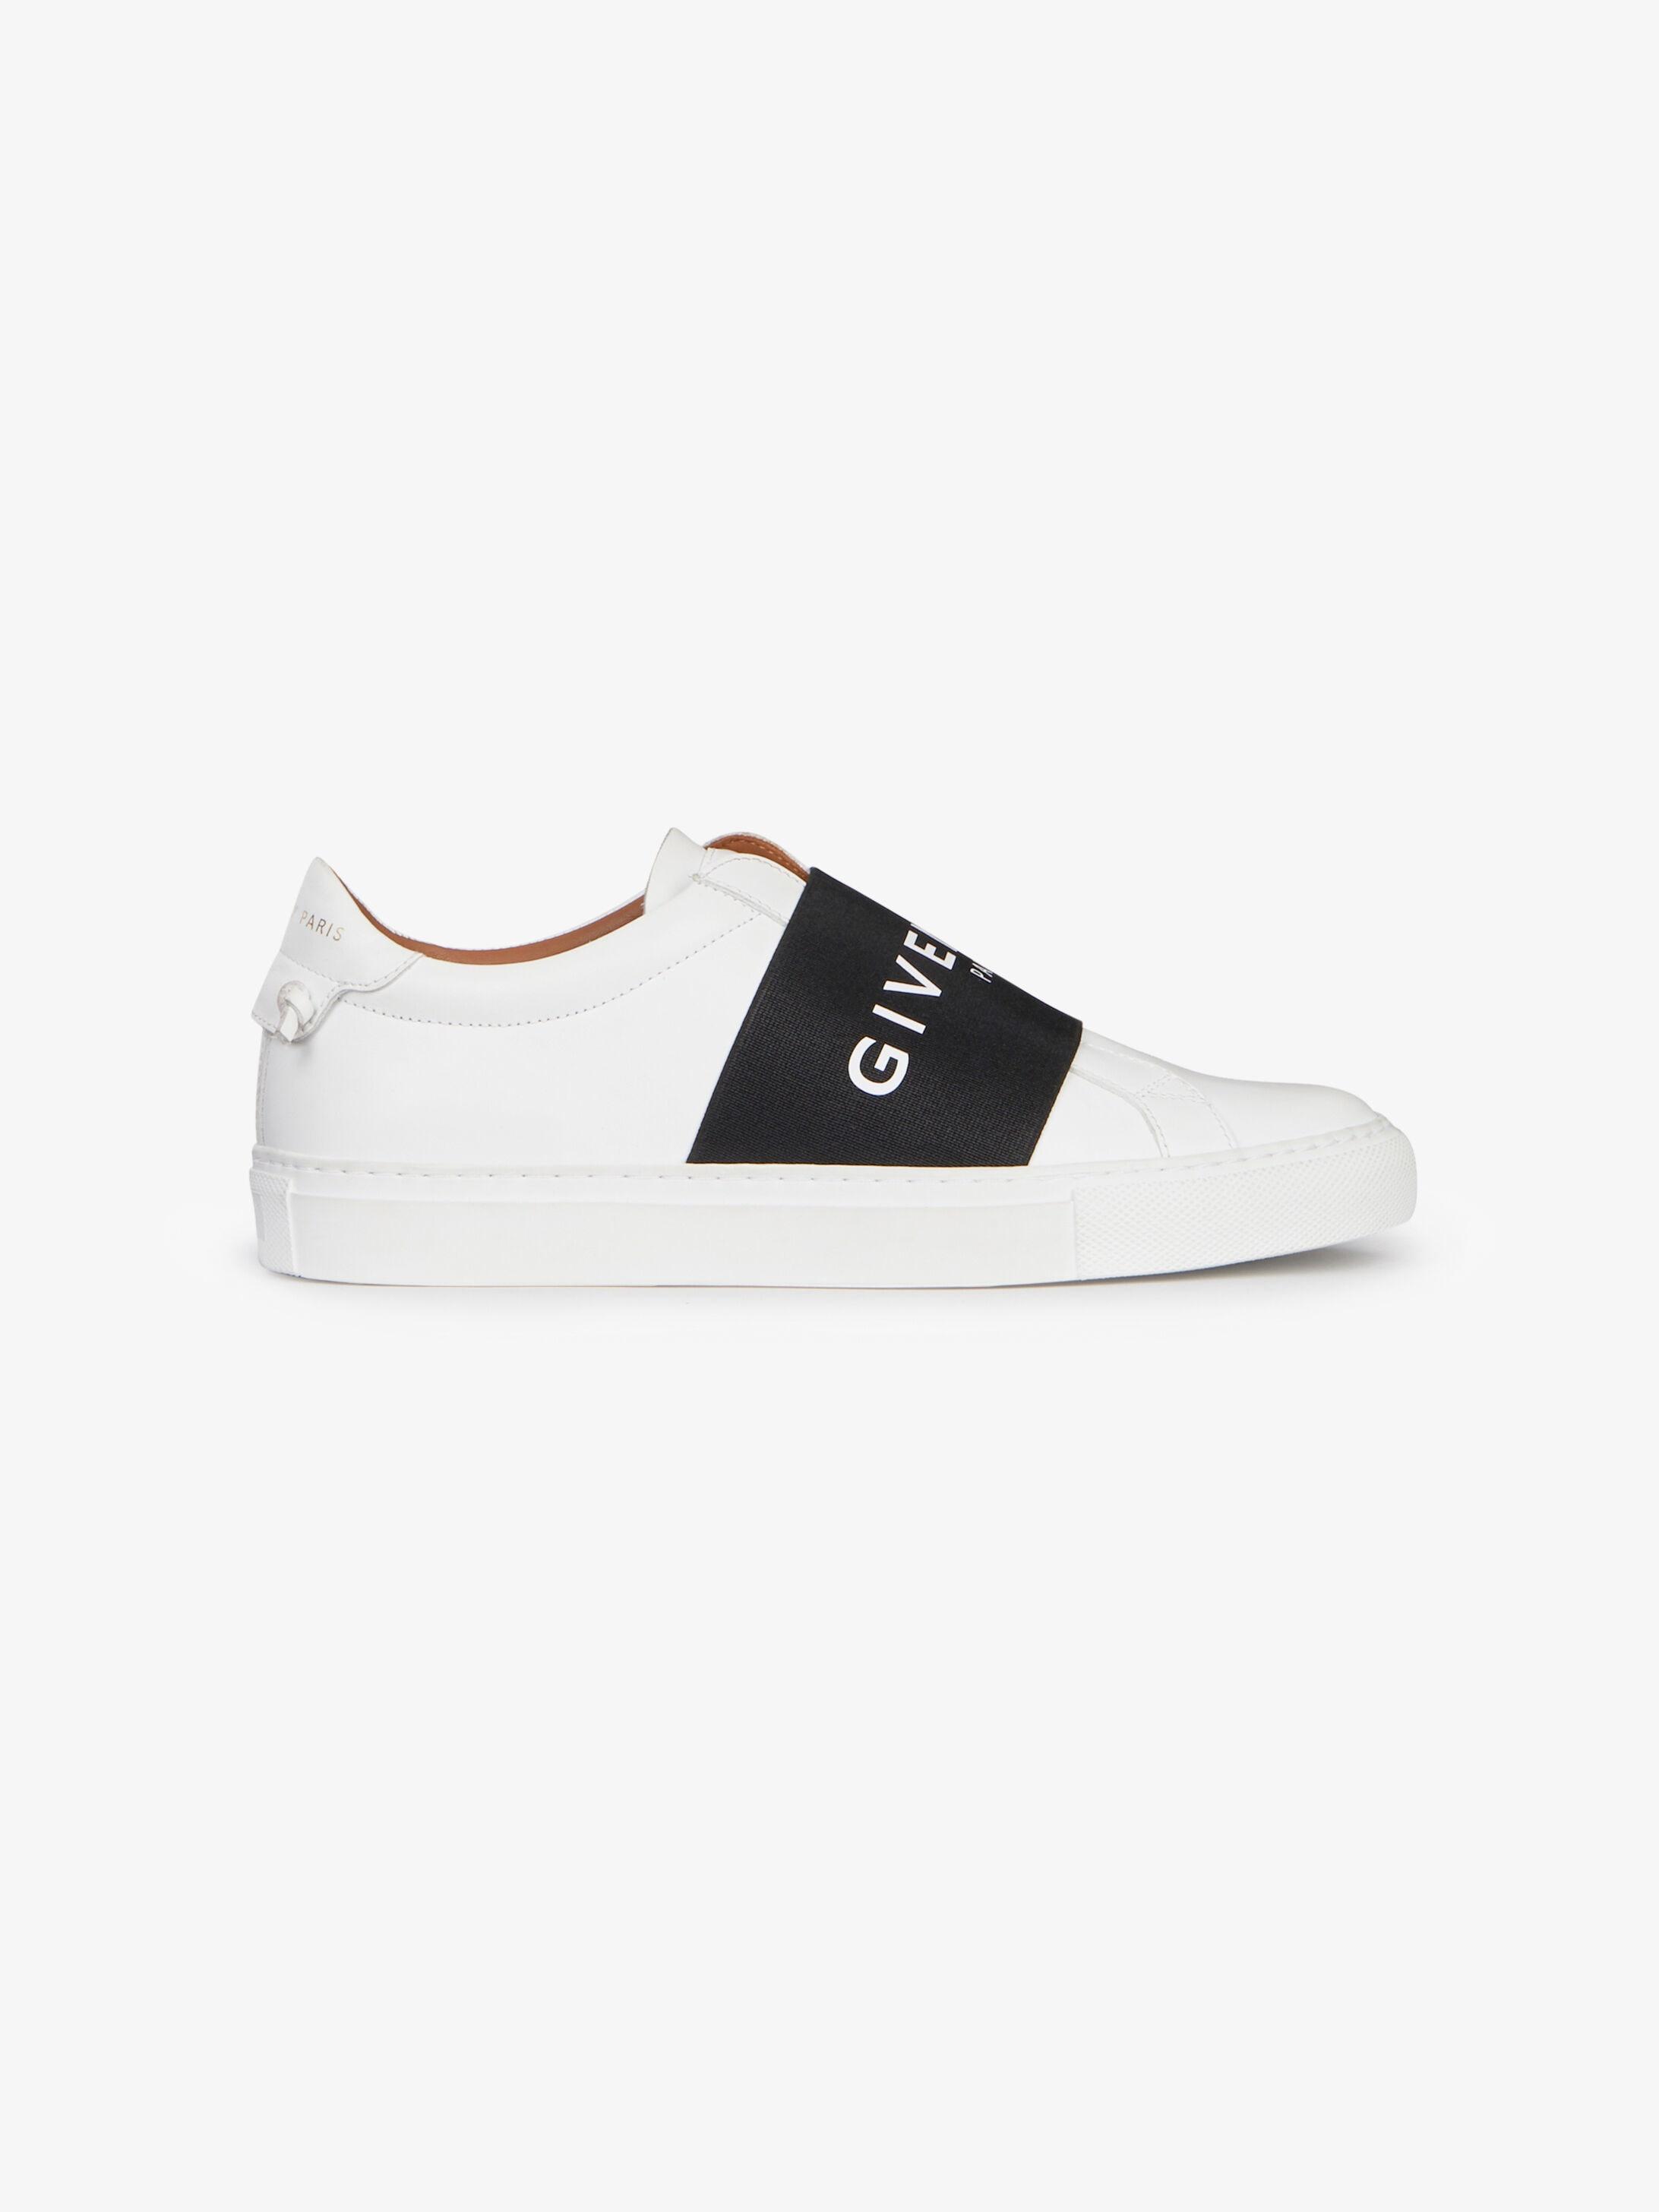 Paris Bande Givenchy Cuir À Sneakers En Élastique qSMVUzp